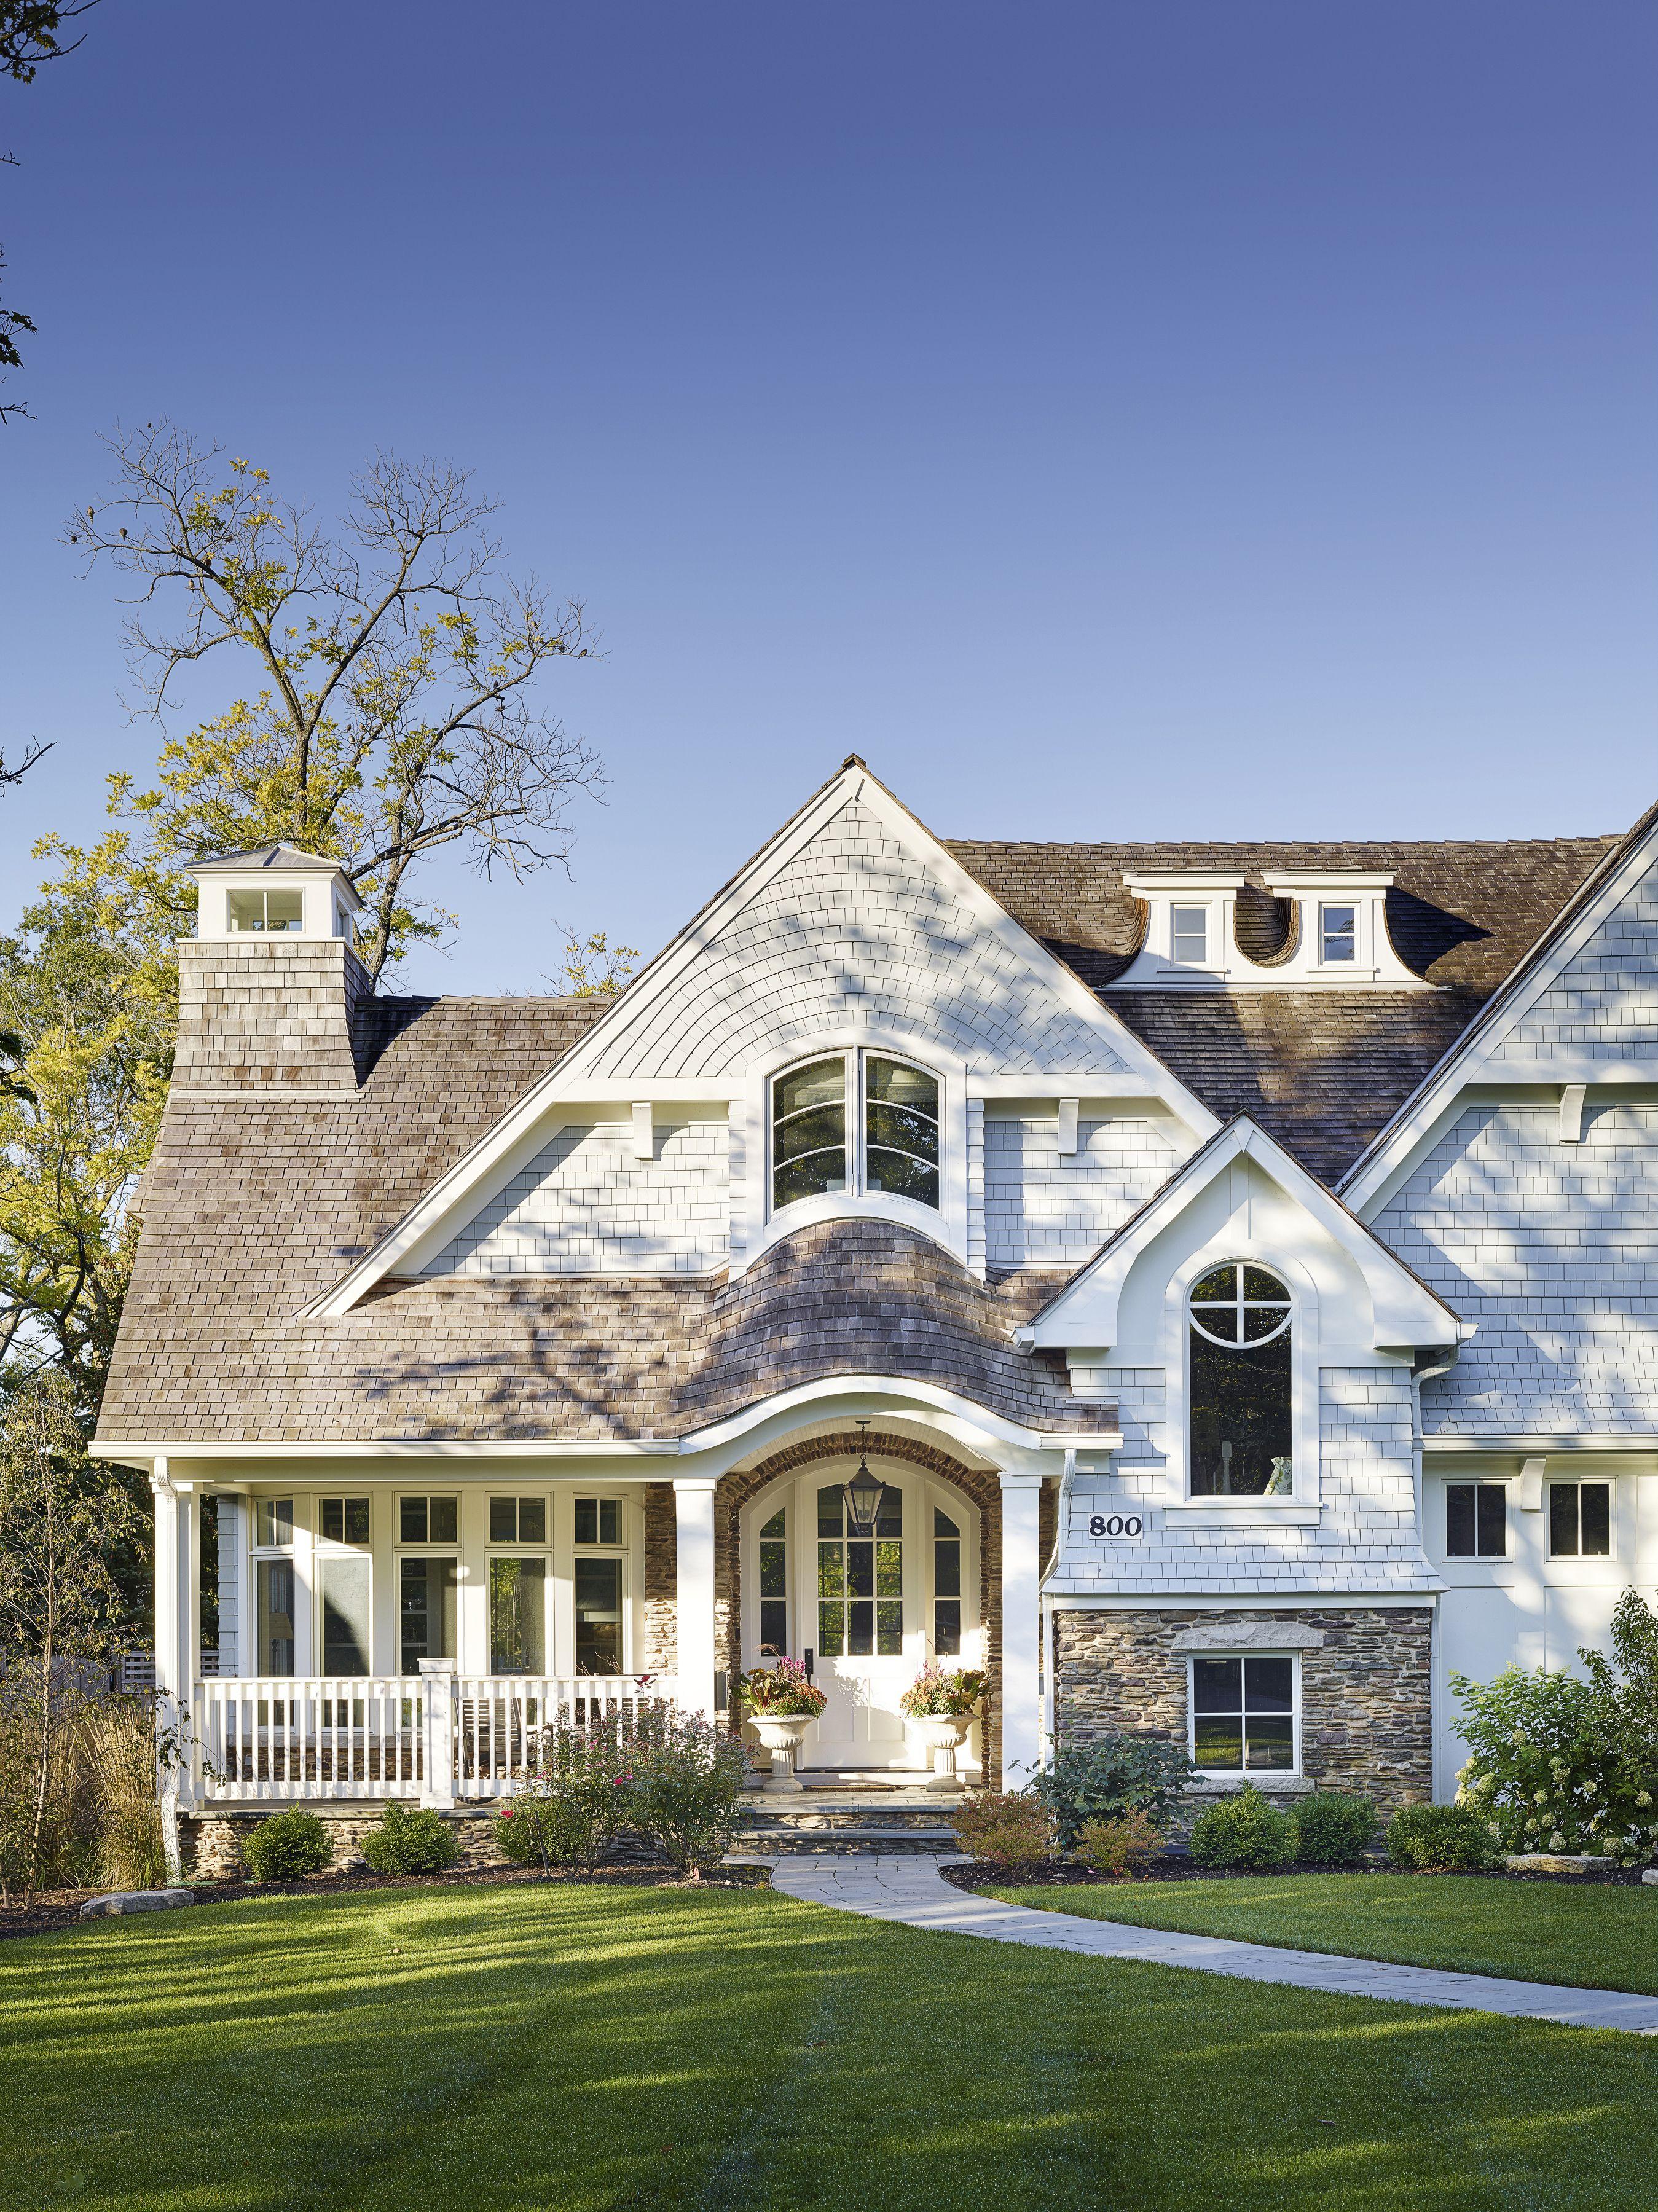 Glencoe custom home by A. Perry Homes Shingle style